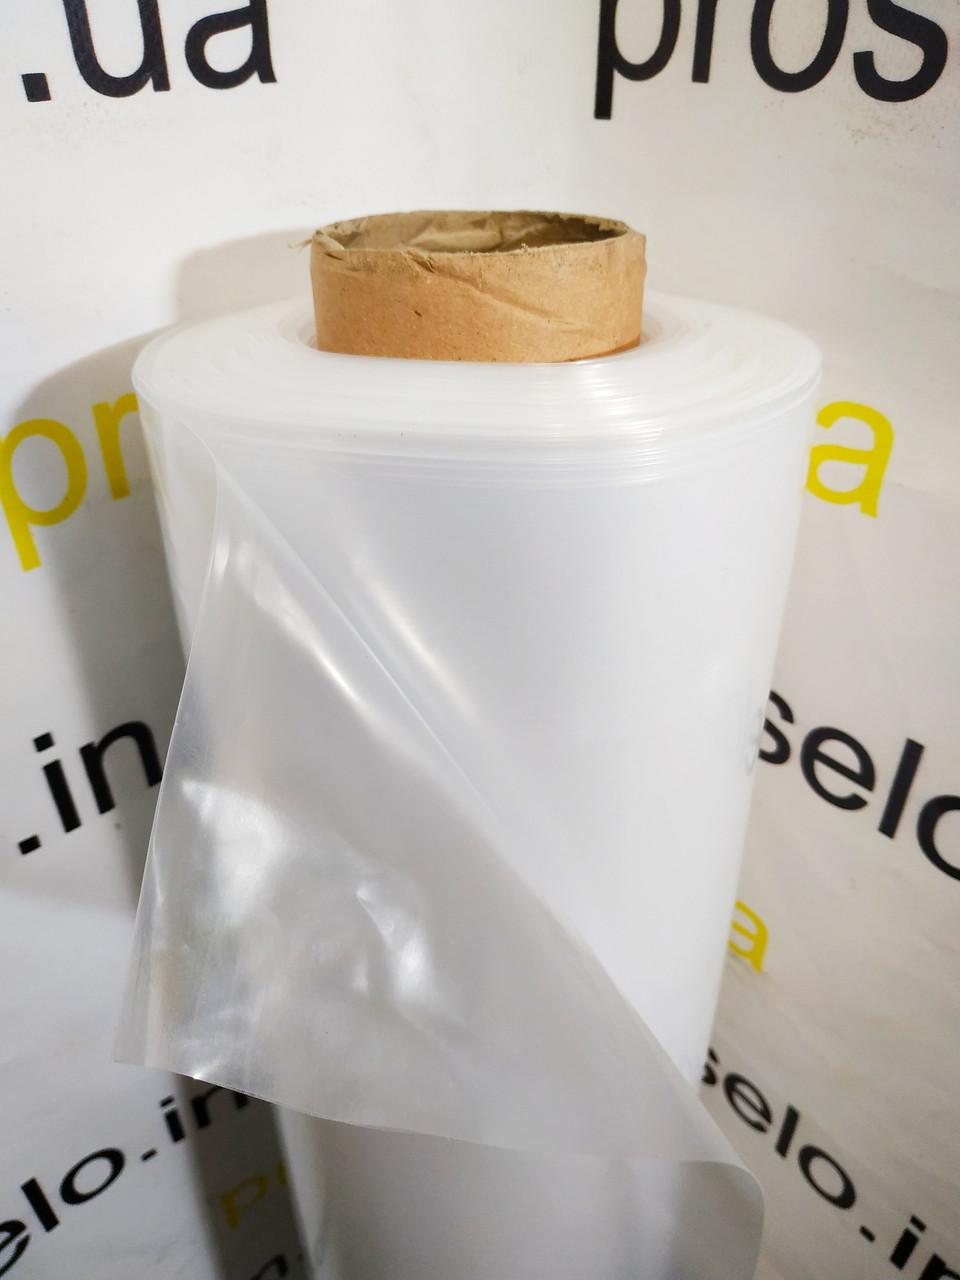 Пленка прозрачная. 150 мкм плотность. Рулон 3м*50м. Плотная.Тепличная. Полиэтилен